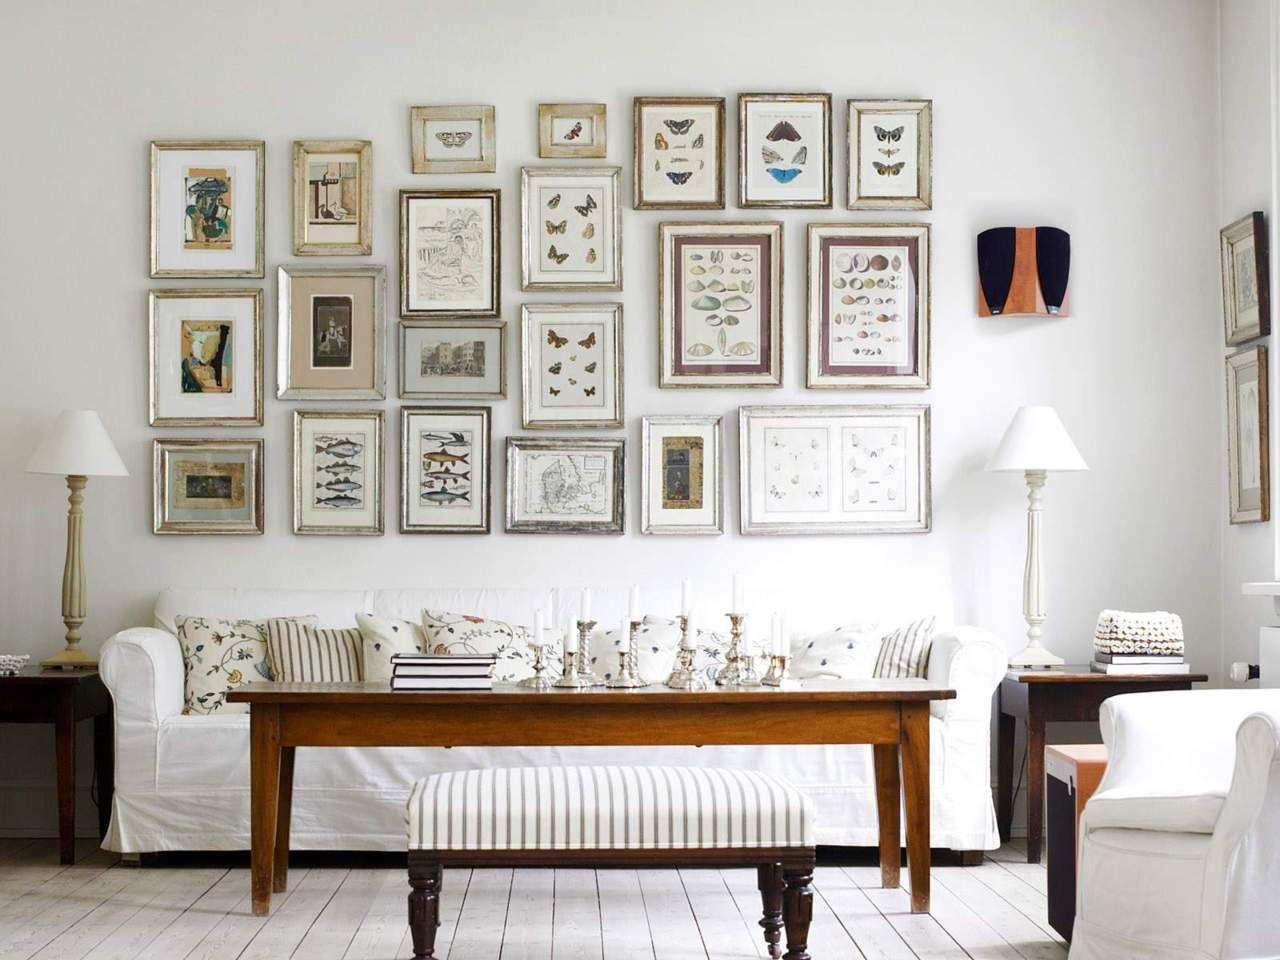 ZsaZsa Bellagio: Glamorous Home | CUADROS IDEAS | Pinterest | Decoración